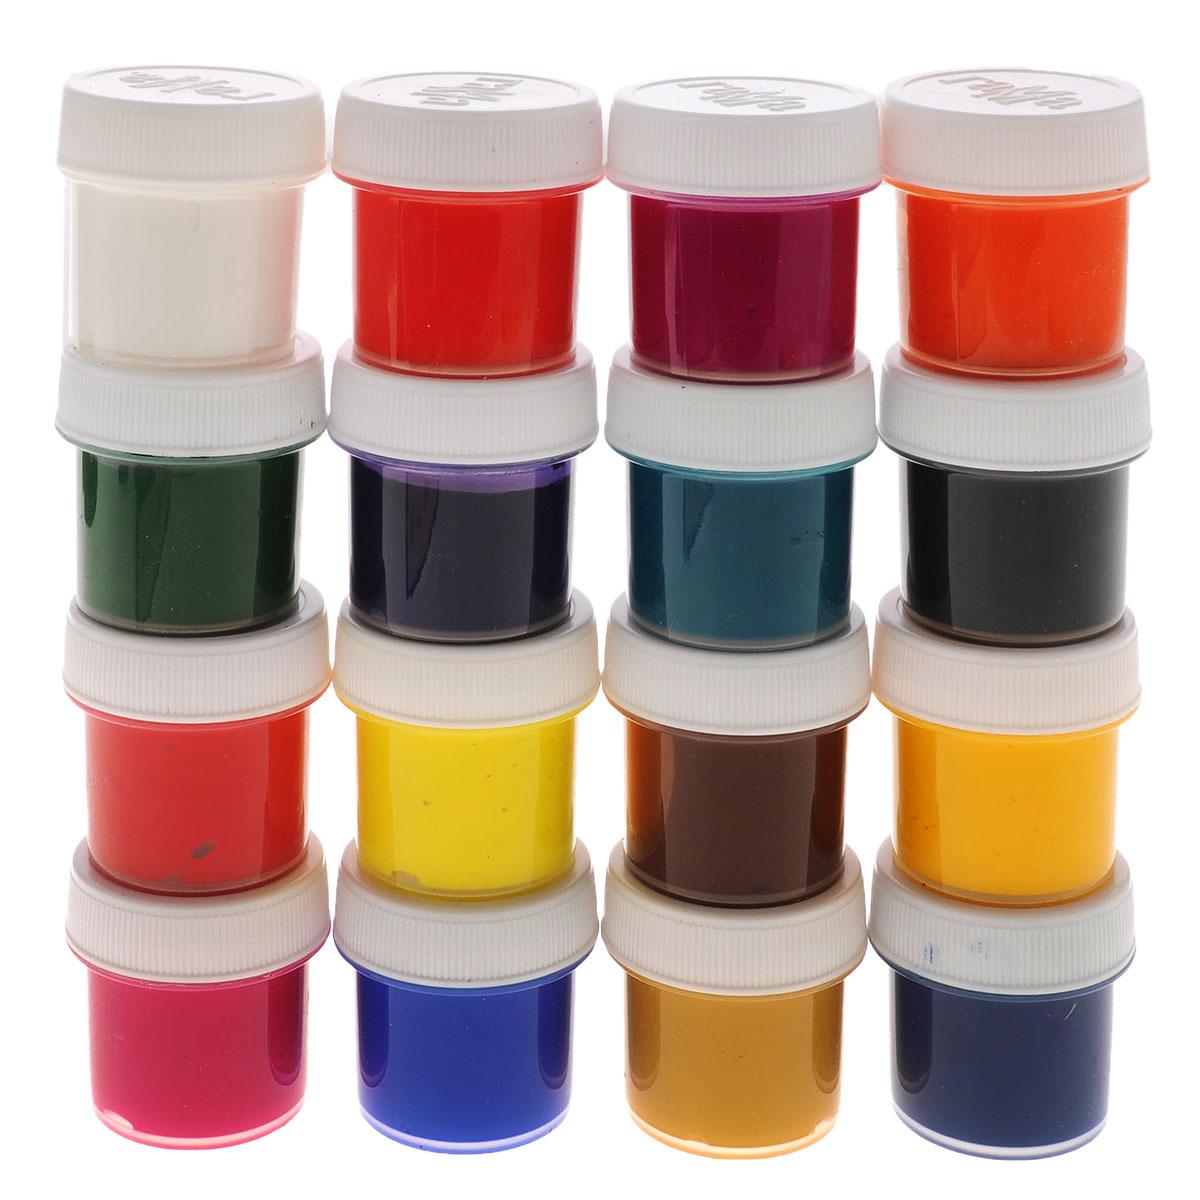 Для детей, картинки разных цветов краски